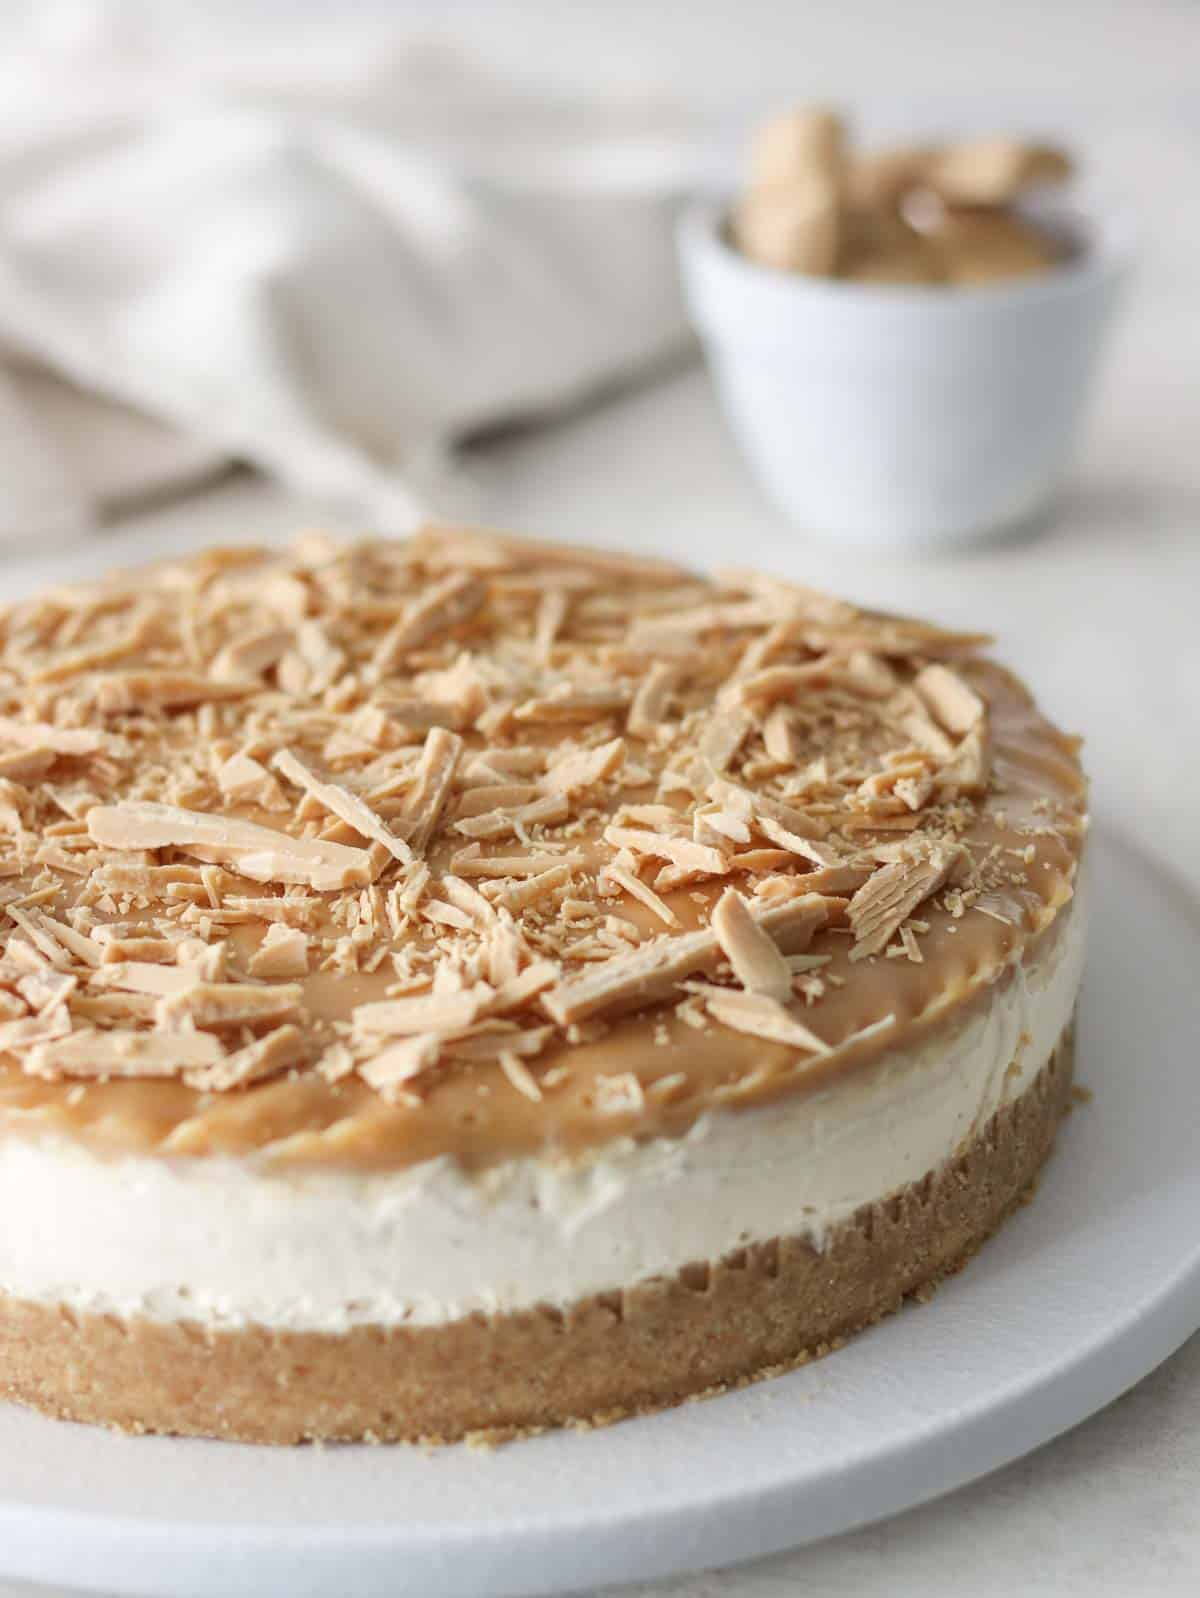 How to Make Caramilk Cheesecake